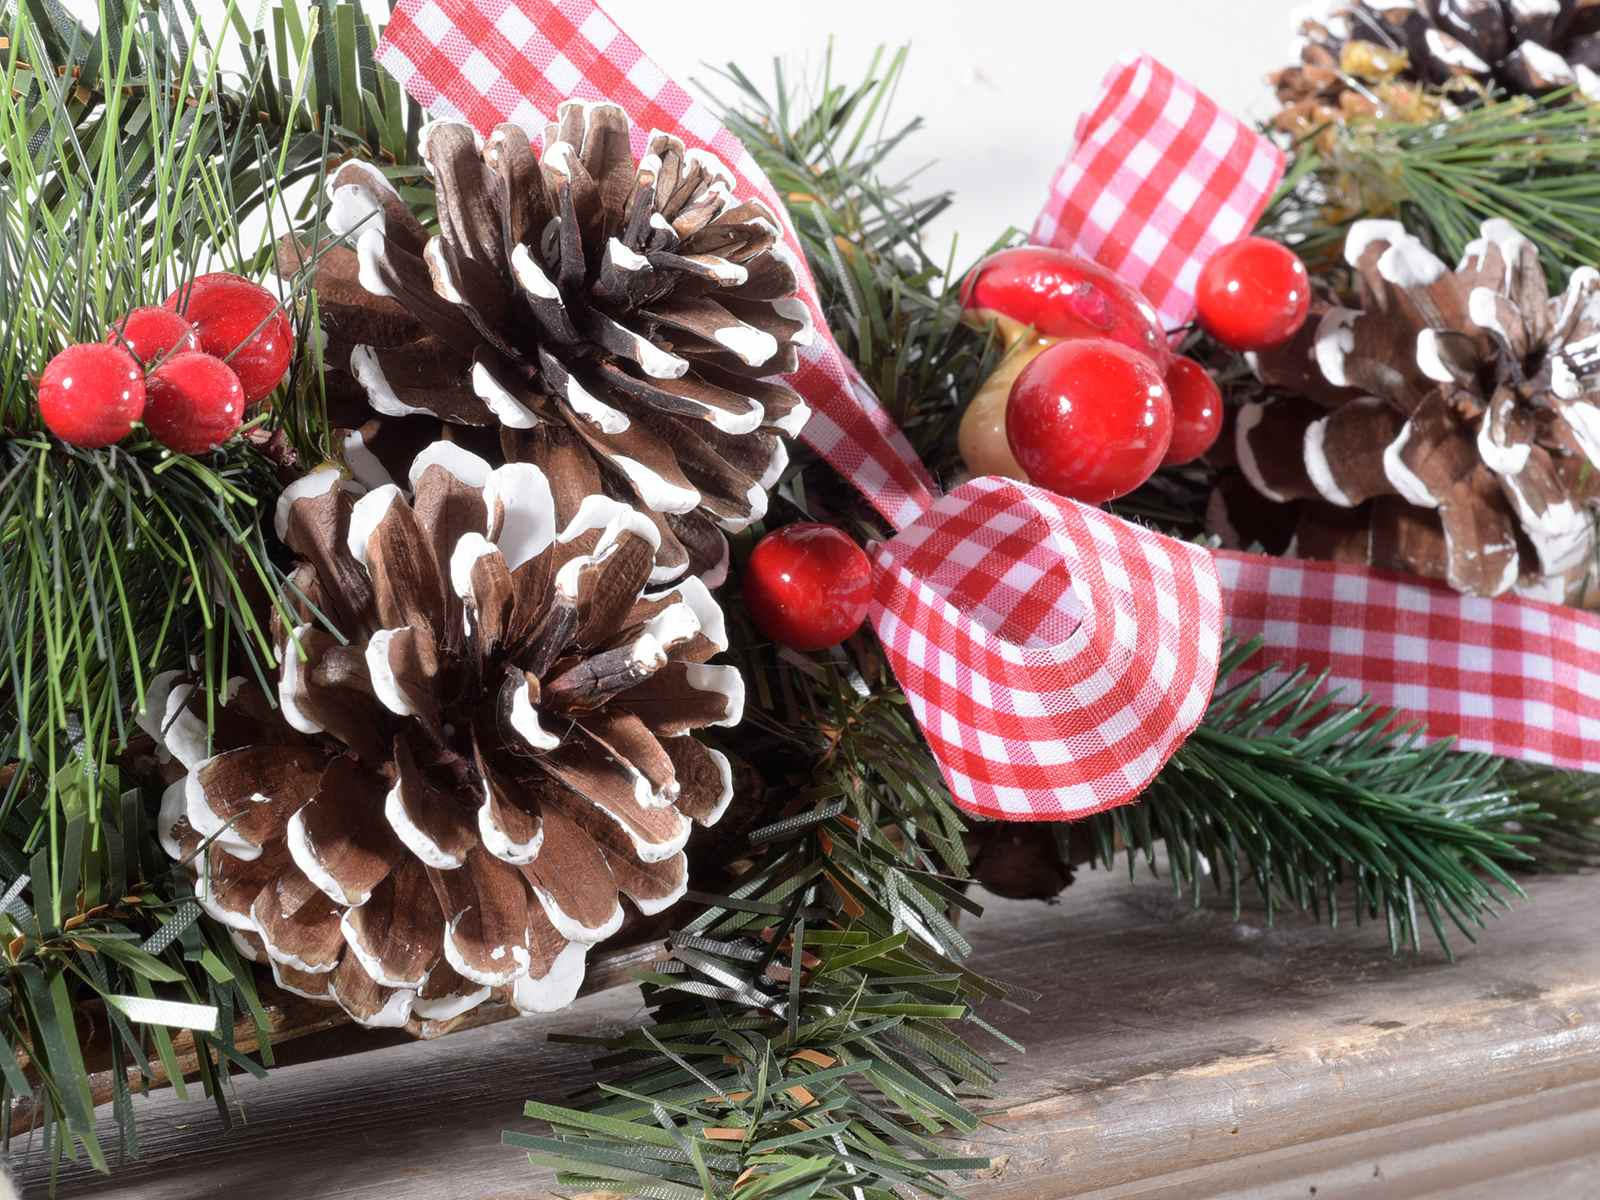 Antica soffitta centrotavola natalizio addobbi natale for Centrotavola natale pigne